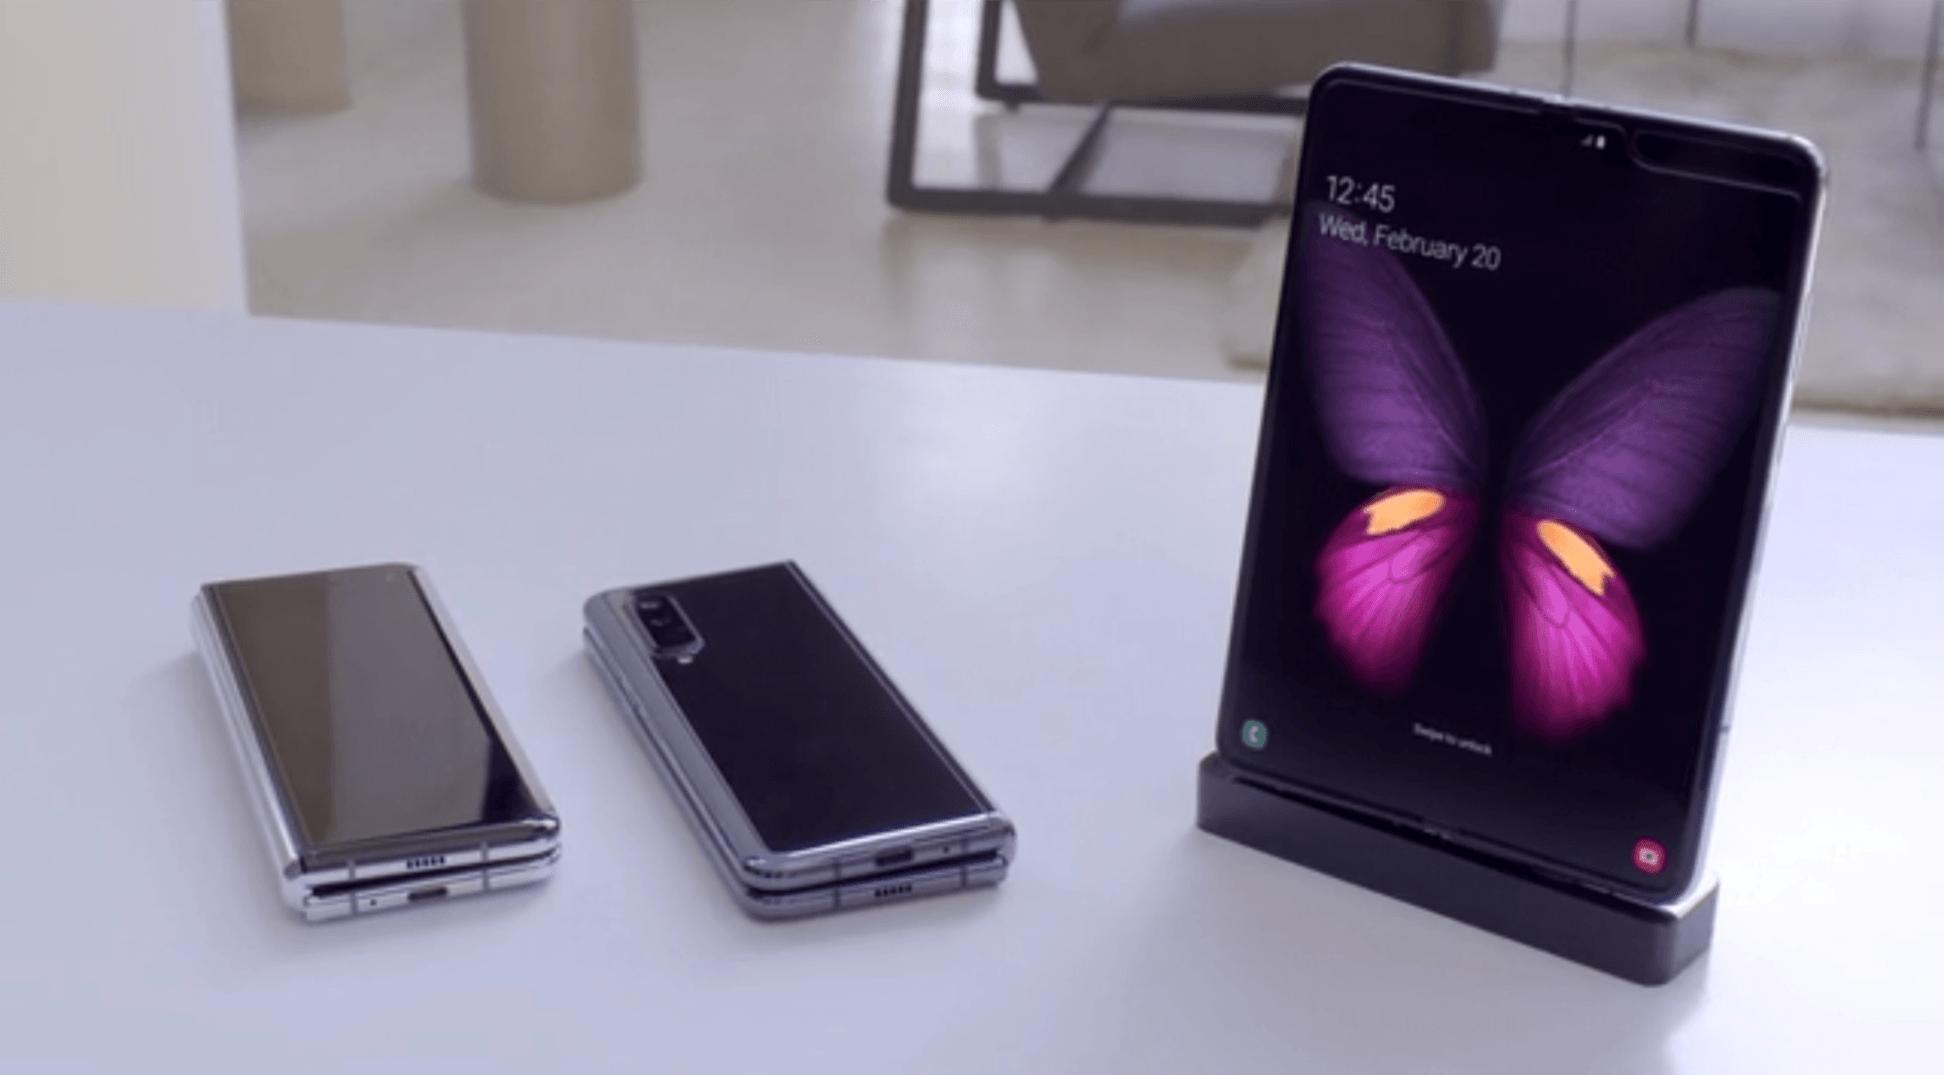 Samsung przygotowuje drugi składany smartfon, zupełnie inny niż Galaxy Fold 17